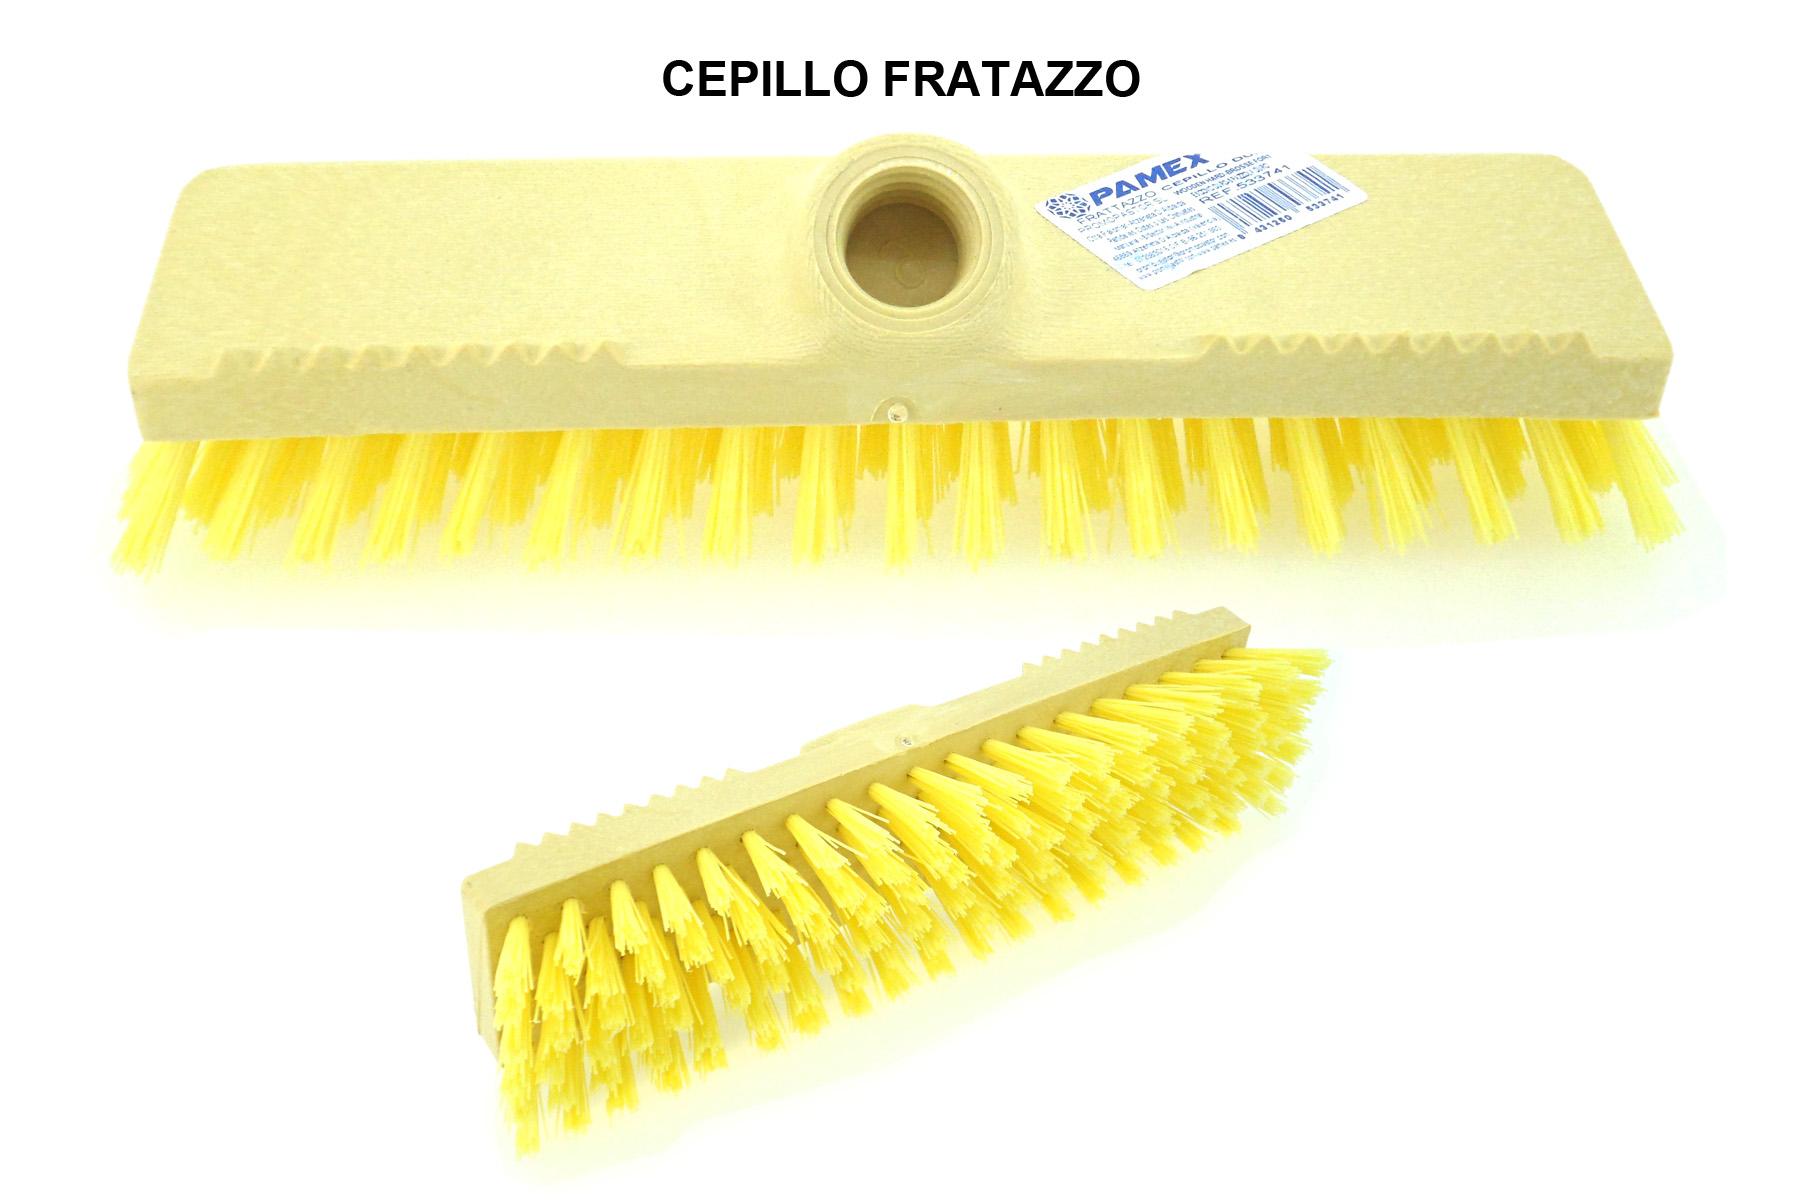 CEPILLO FRATAZZO